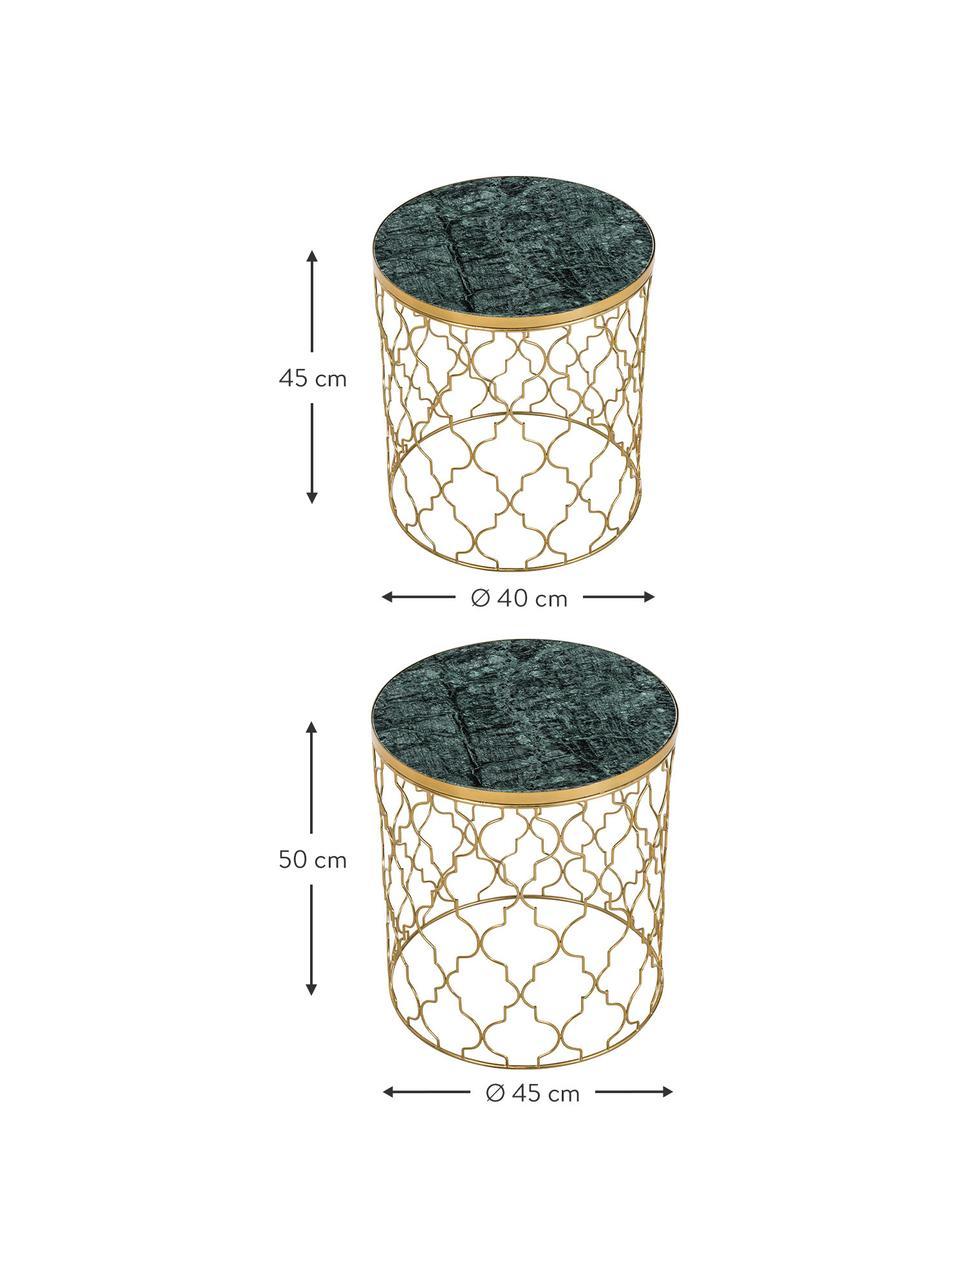 Marmor-Beistelltisch-Set Blake, 2-tlg., Grüner Marmor, Goldfarben, Sondergrößen